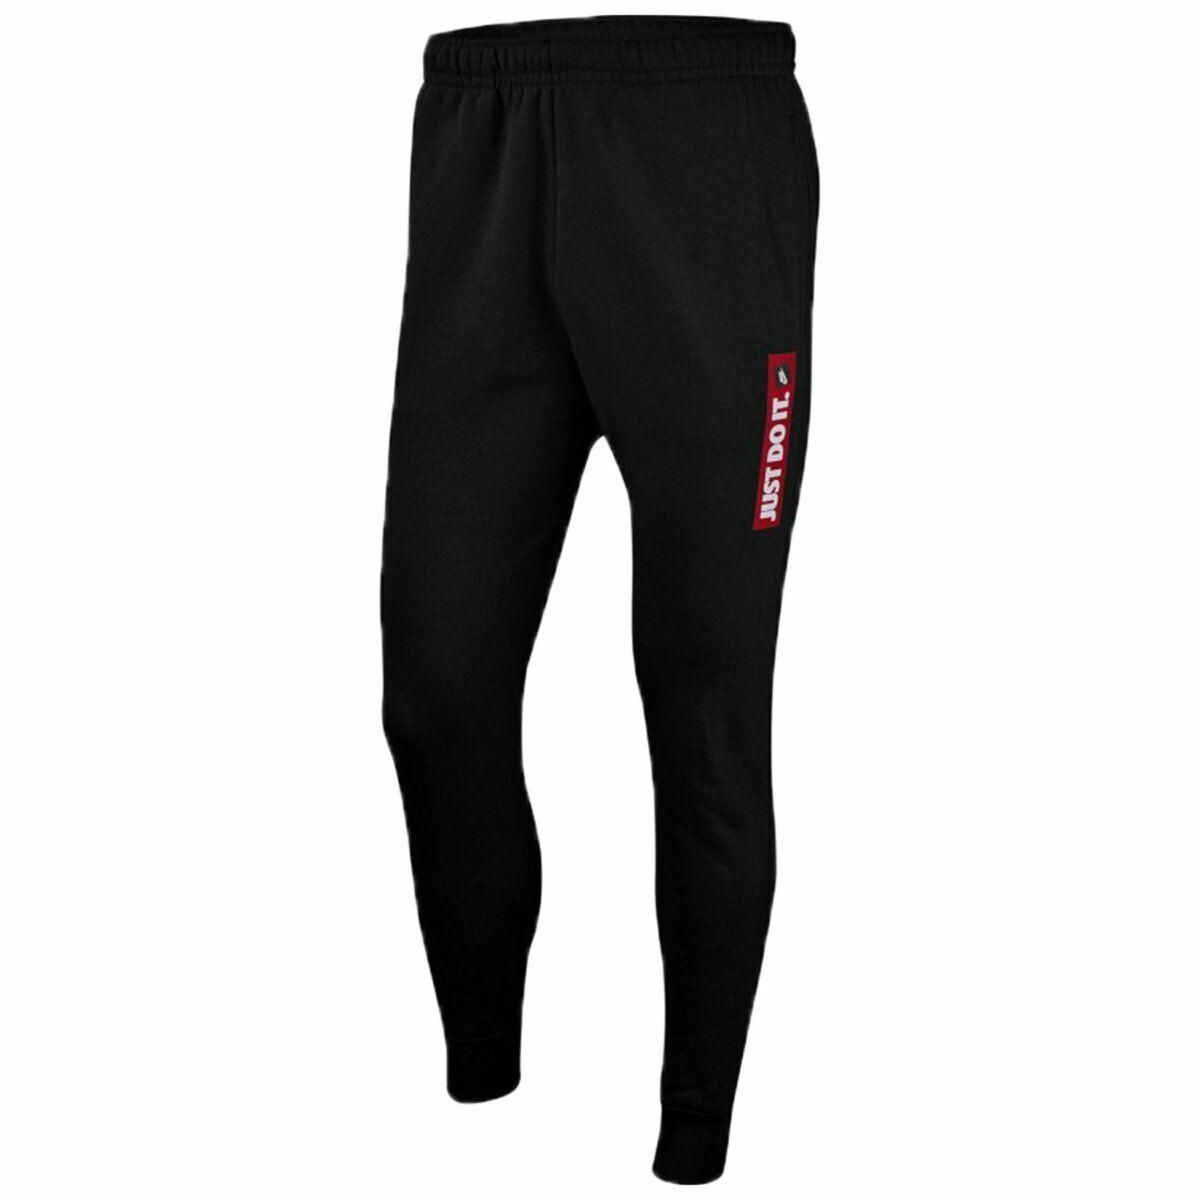 NIKE $55 Men's Joggers Taper Leg Training Fleece Pants 3 Poc